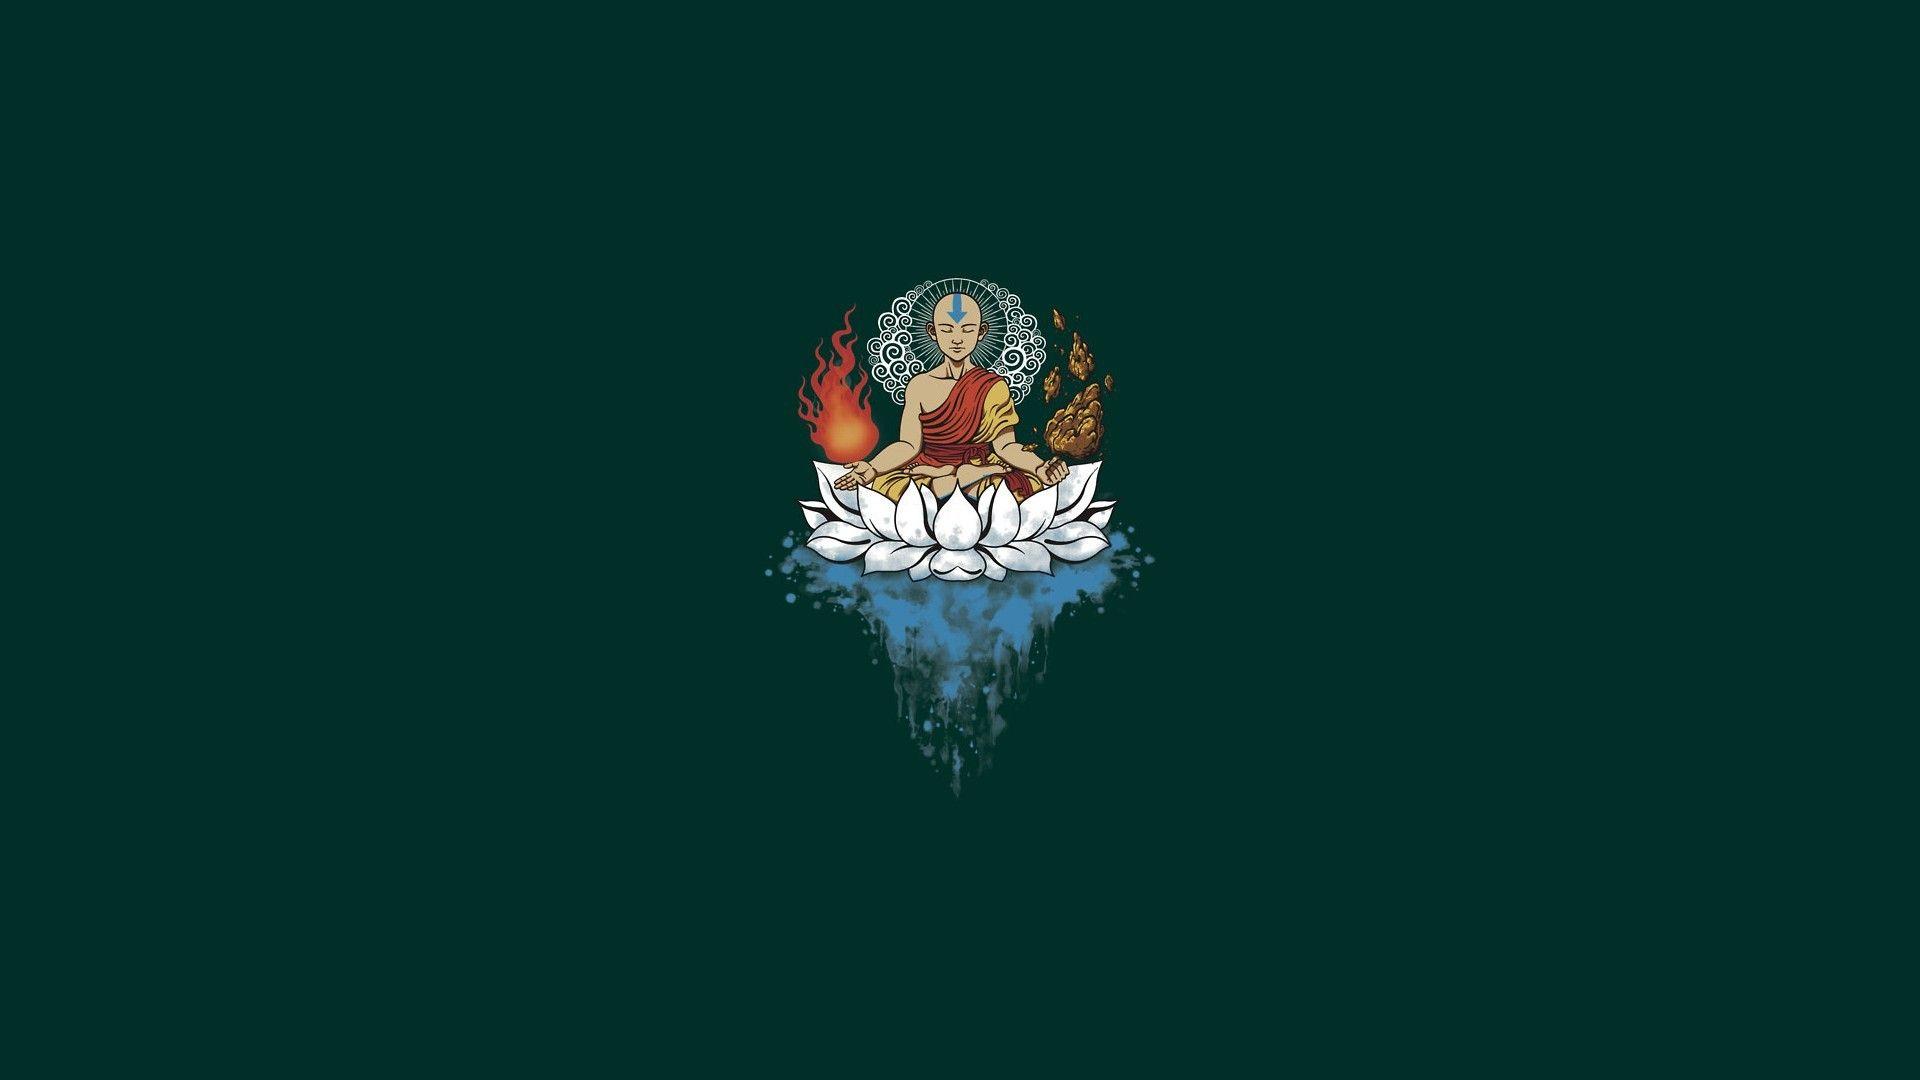 General 1920x1080 Minimalism Buddhism Avatar The Last Airbender